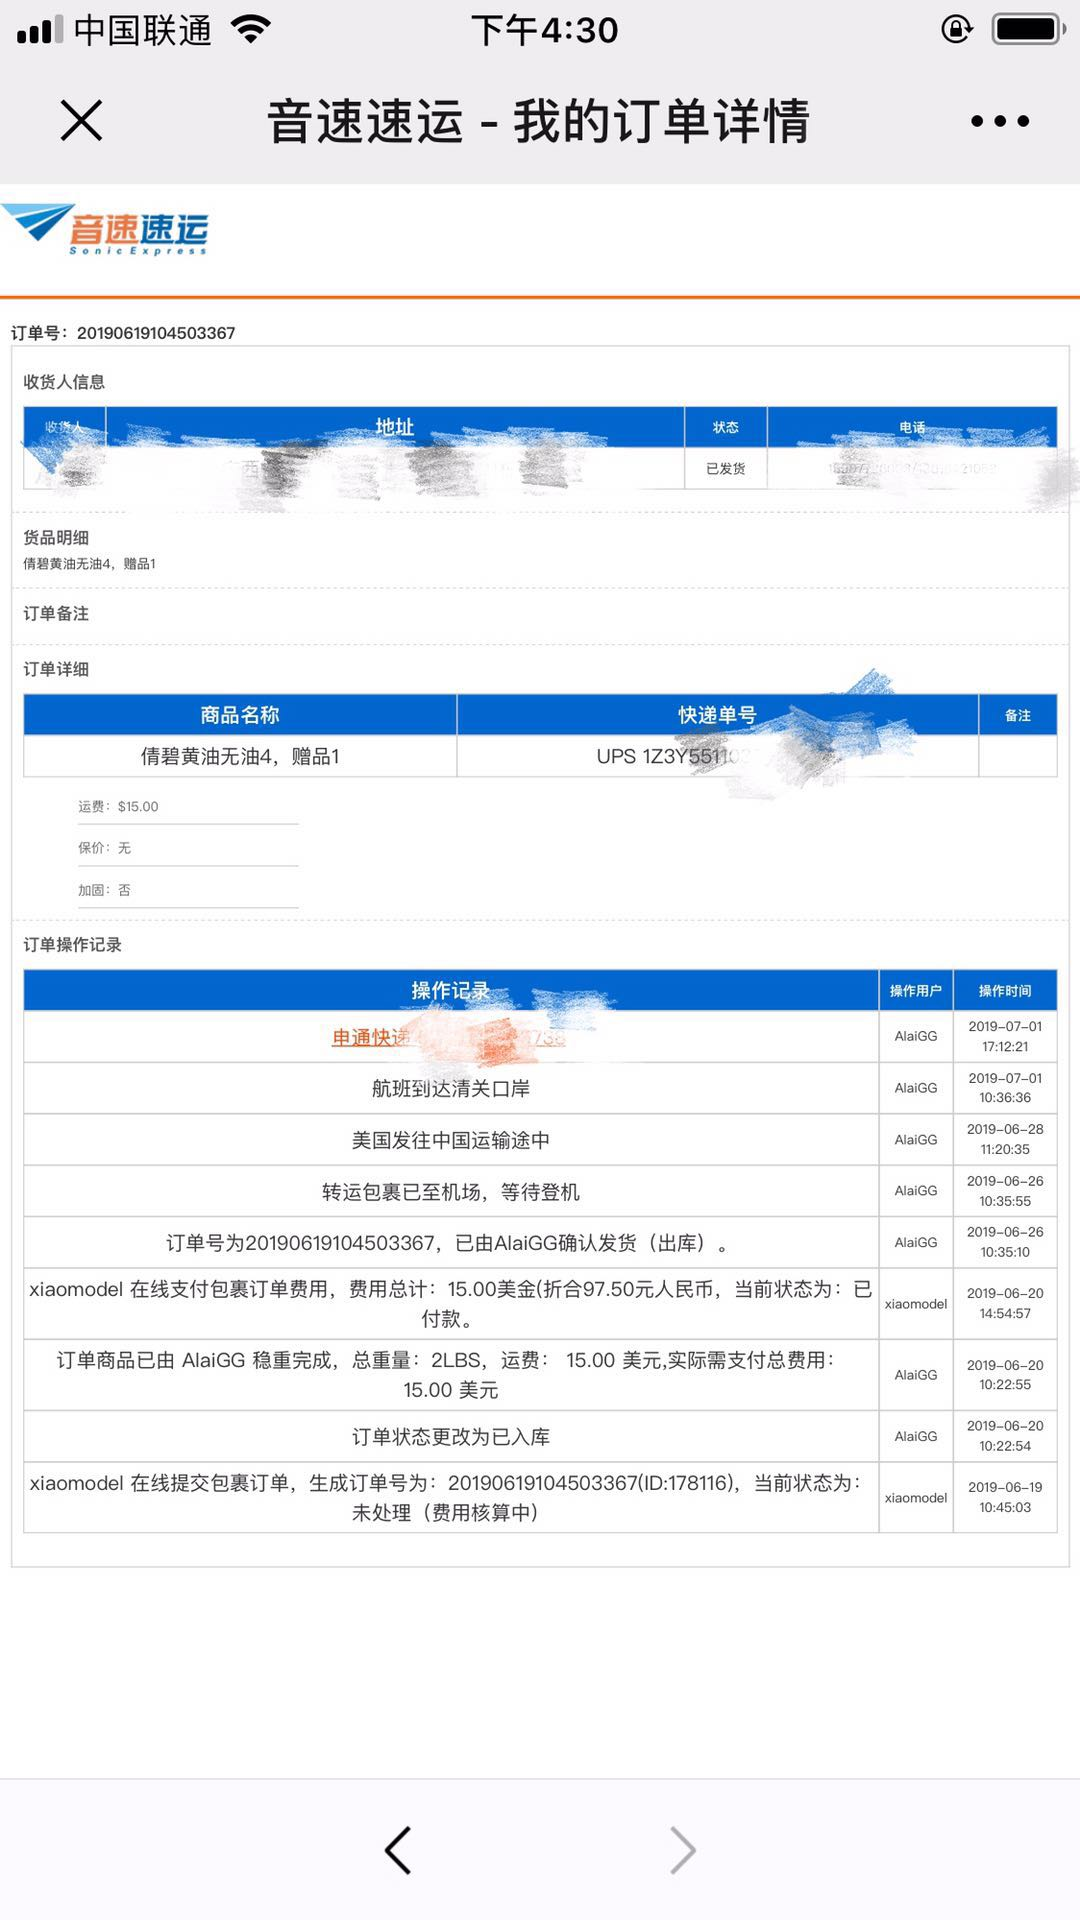 音速速运美中线z2渠道+订单号20190619104503367 +用户名xiaomodel